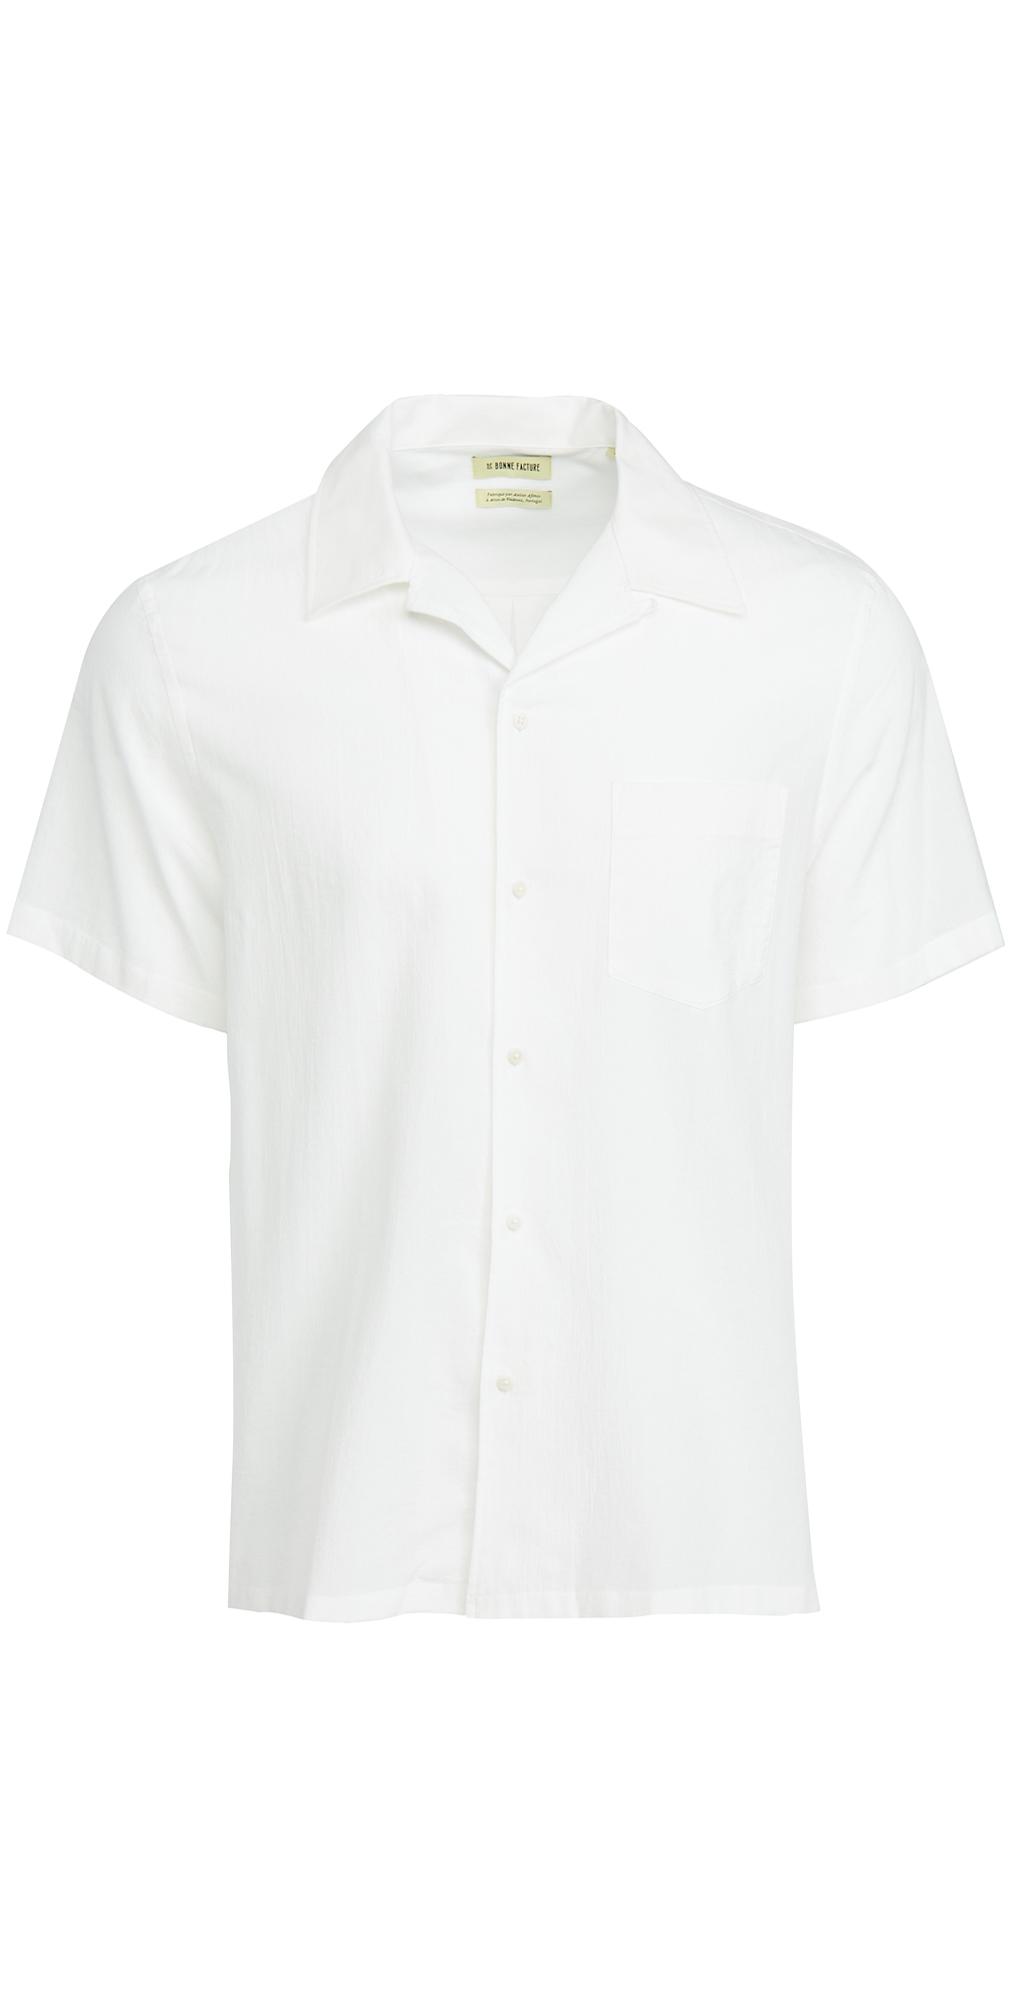 De Bonne Facture Button Up Shirt